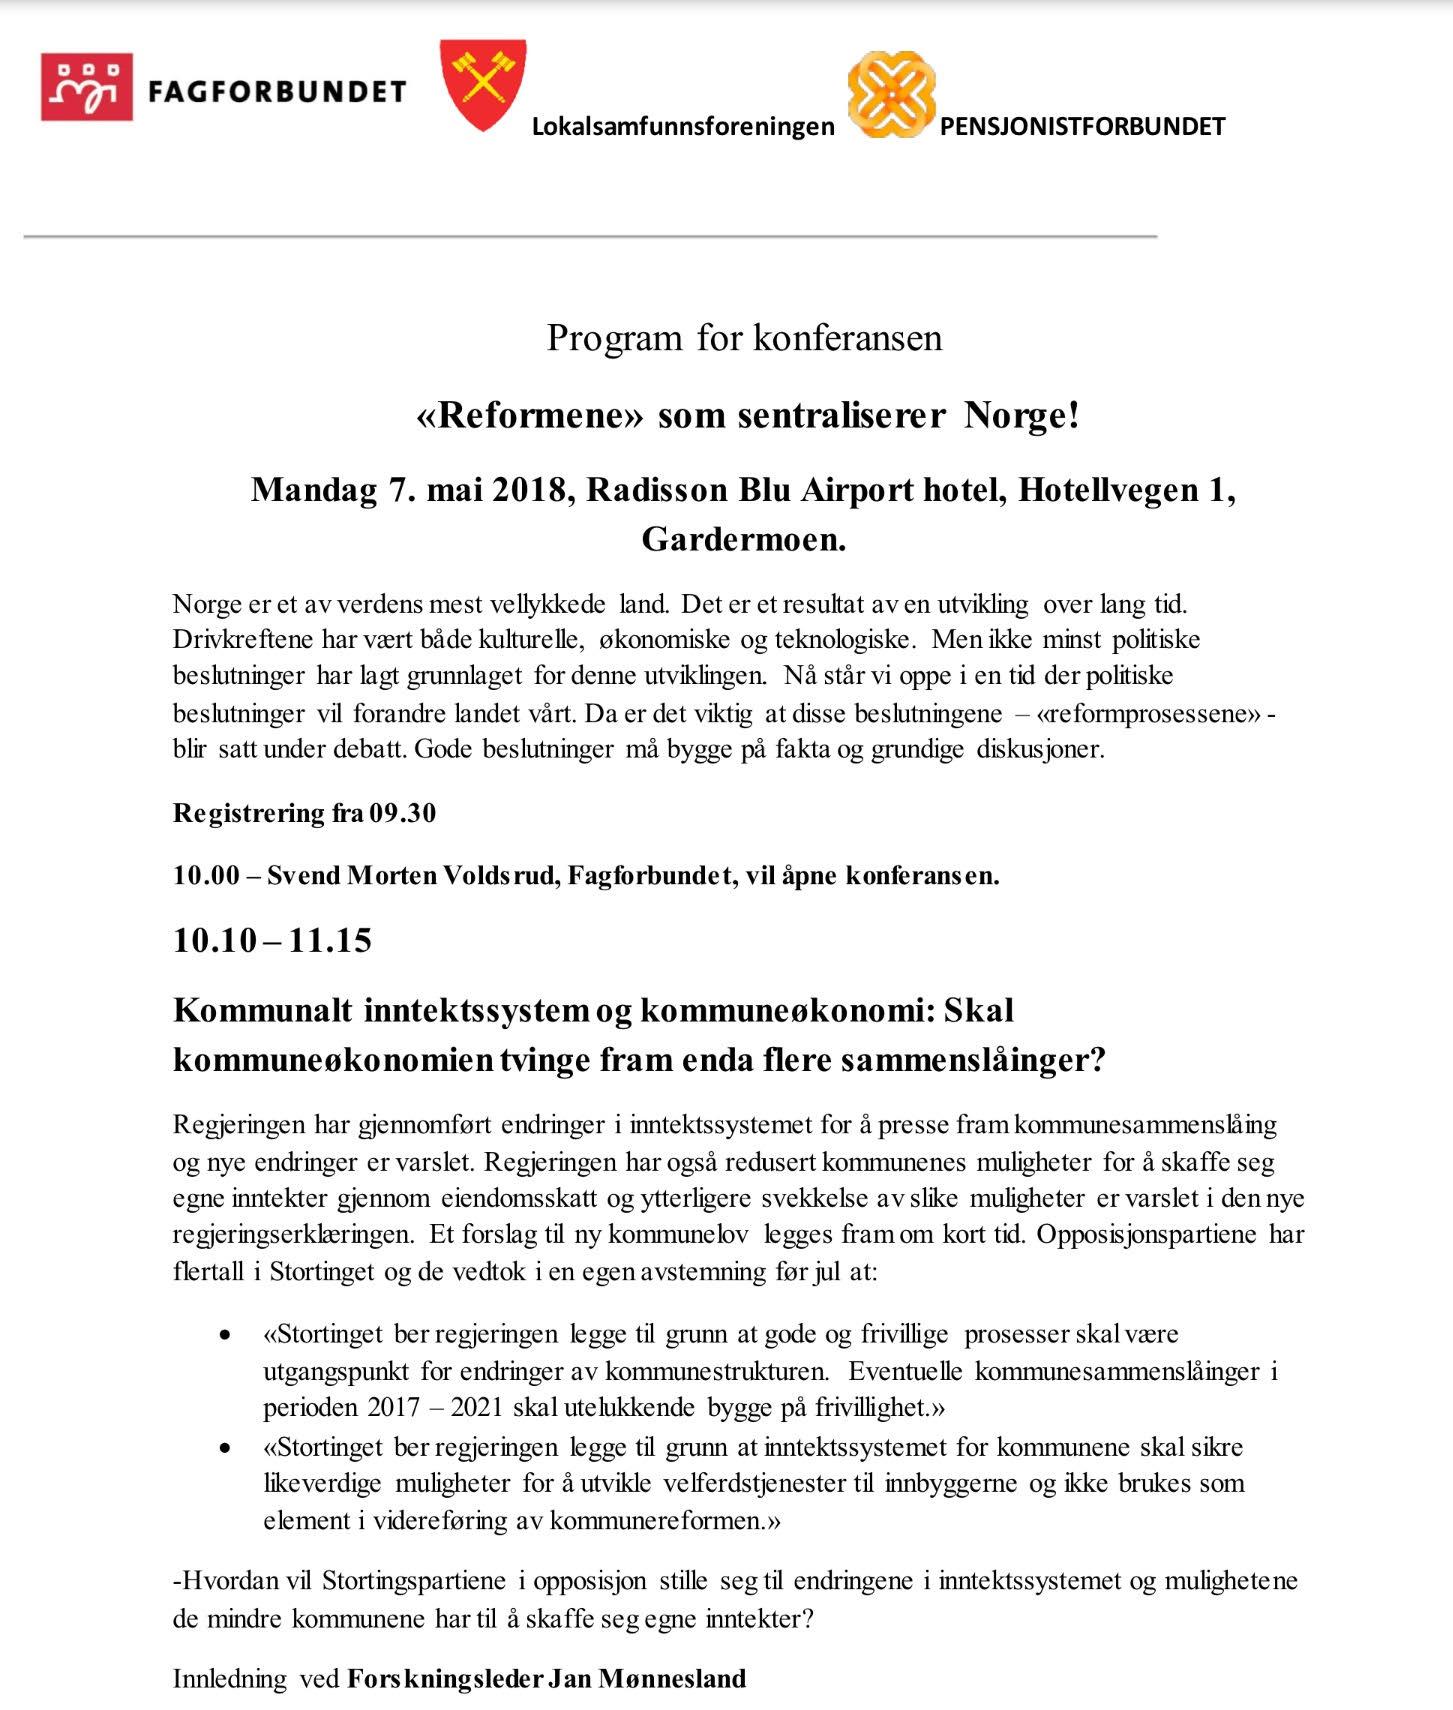 LSF1 - Program: Reformene som sentraliserer Norge! Gardermoen 7. mai 2018